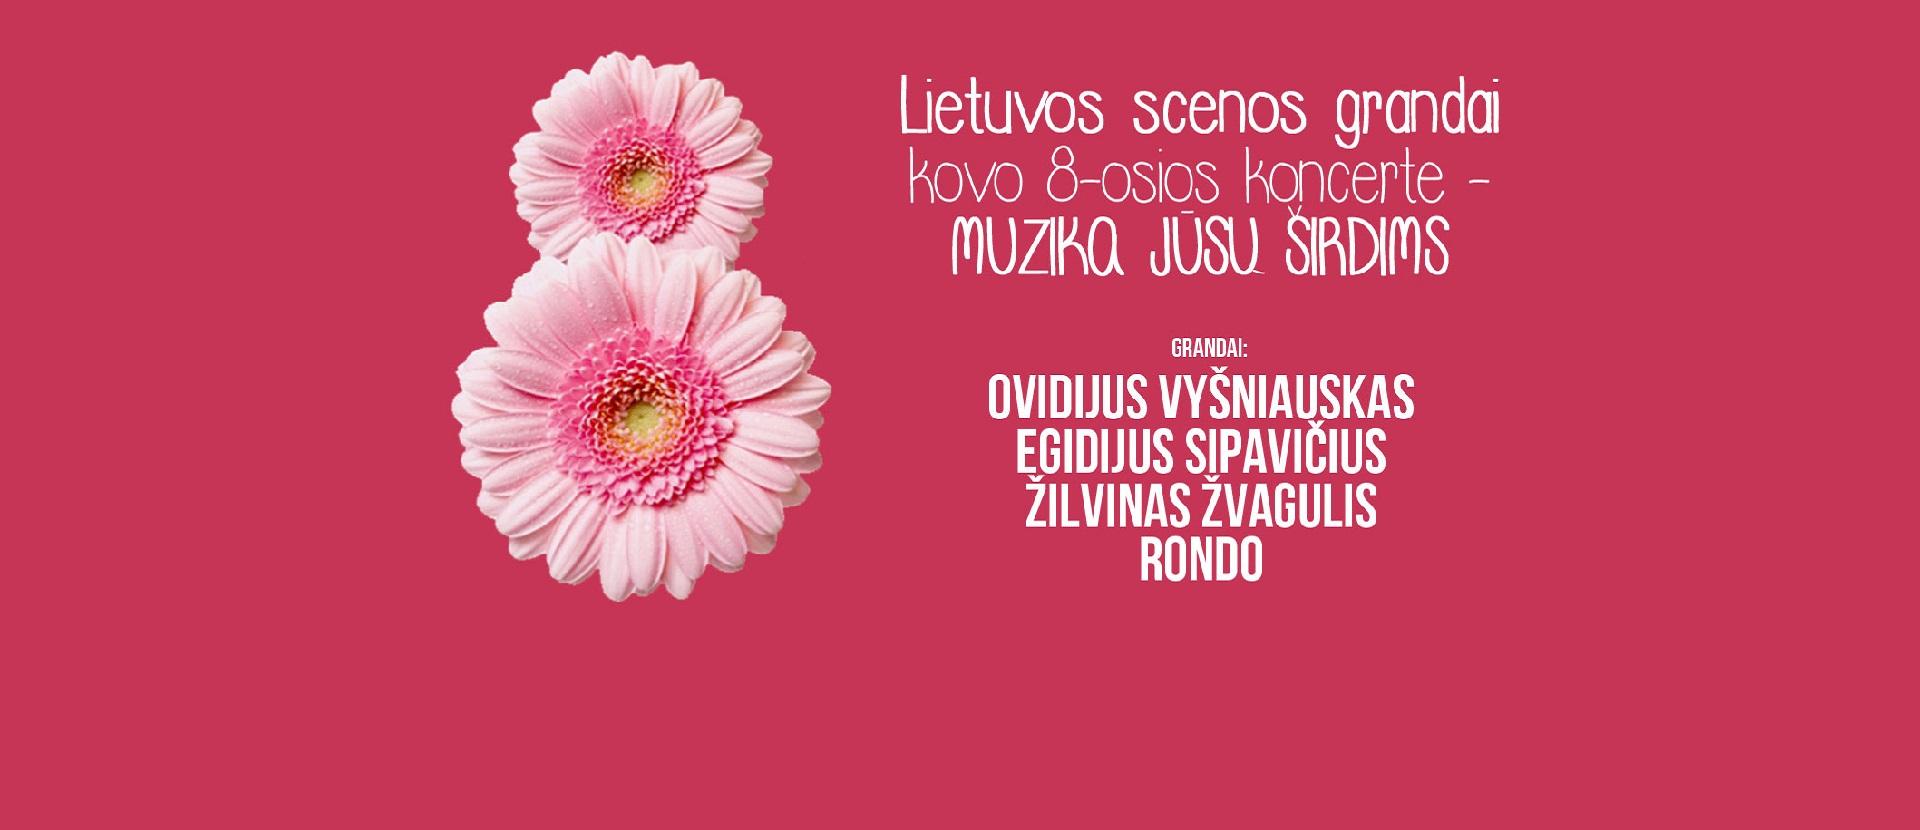 Lietuvos scenos grandai kovo 8-osios koncerte - MUZIKA  JŪSŲ ŠIRDIMS